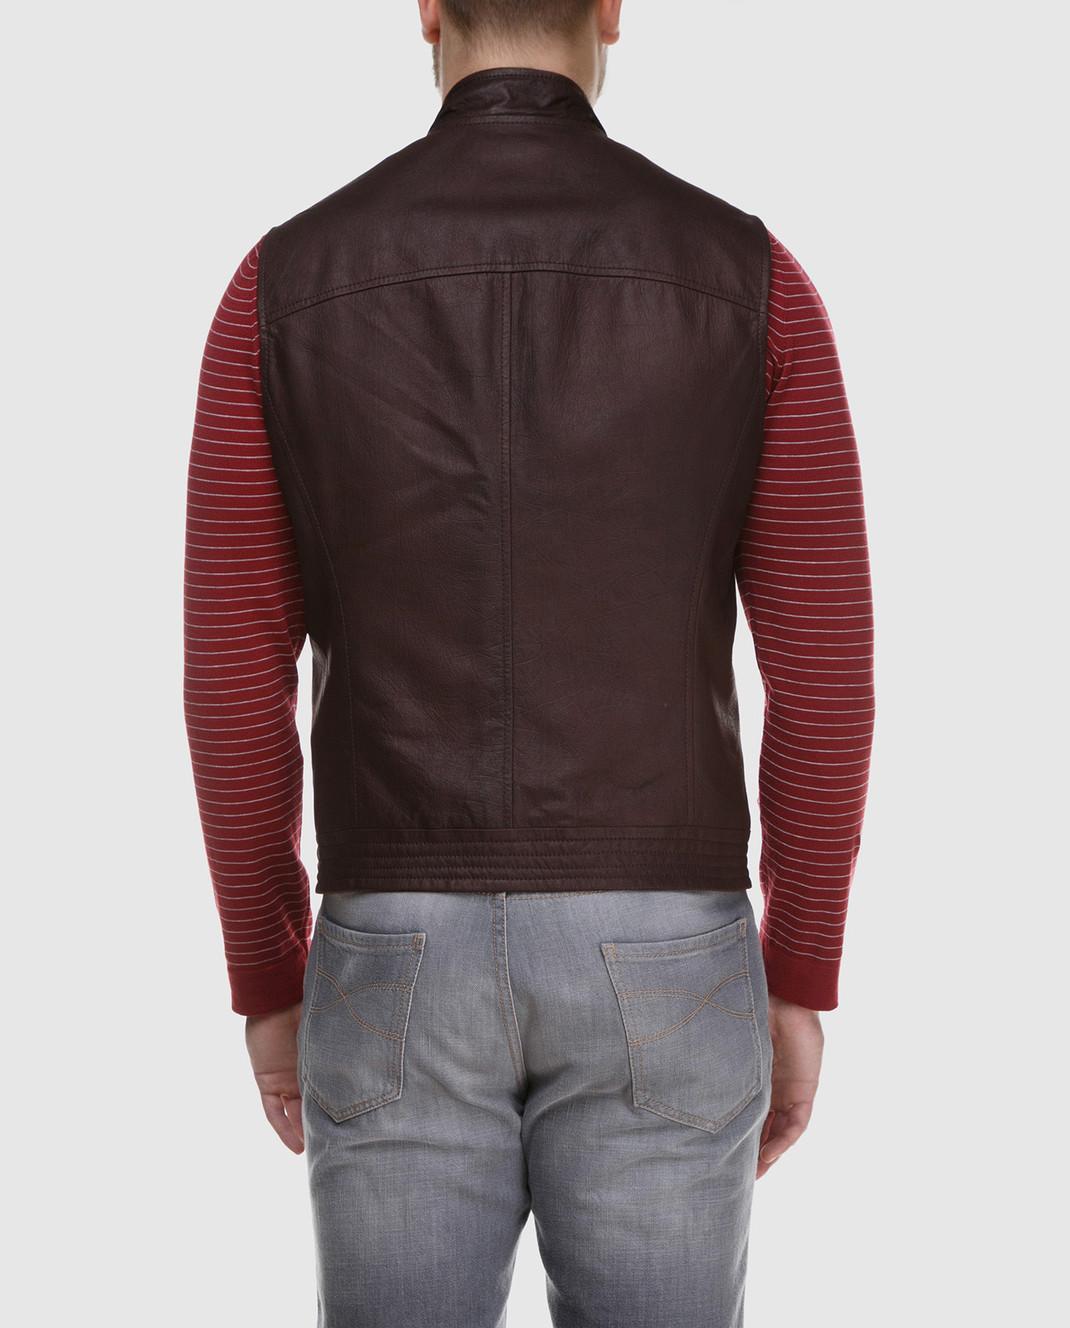 Brunello Cucinelli Коричневый кожаный жилет изображение 4